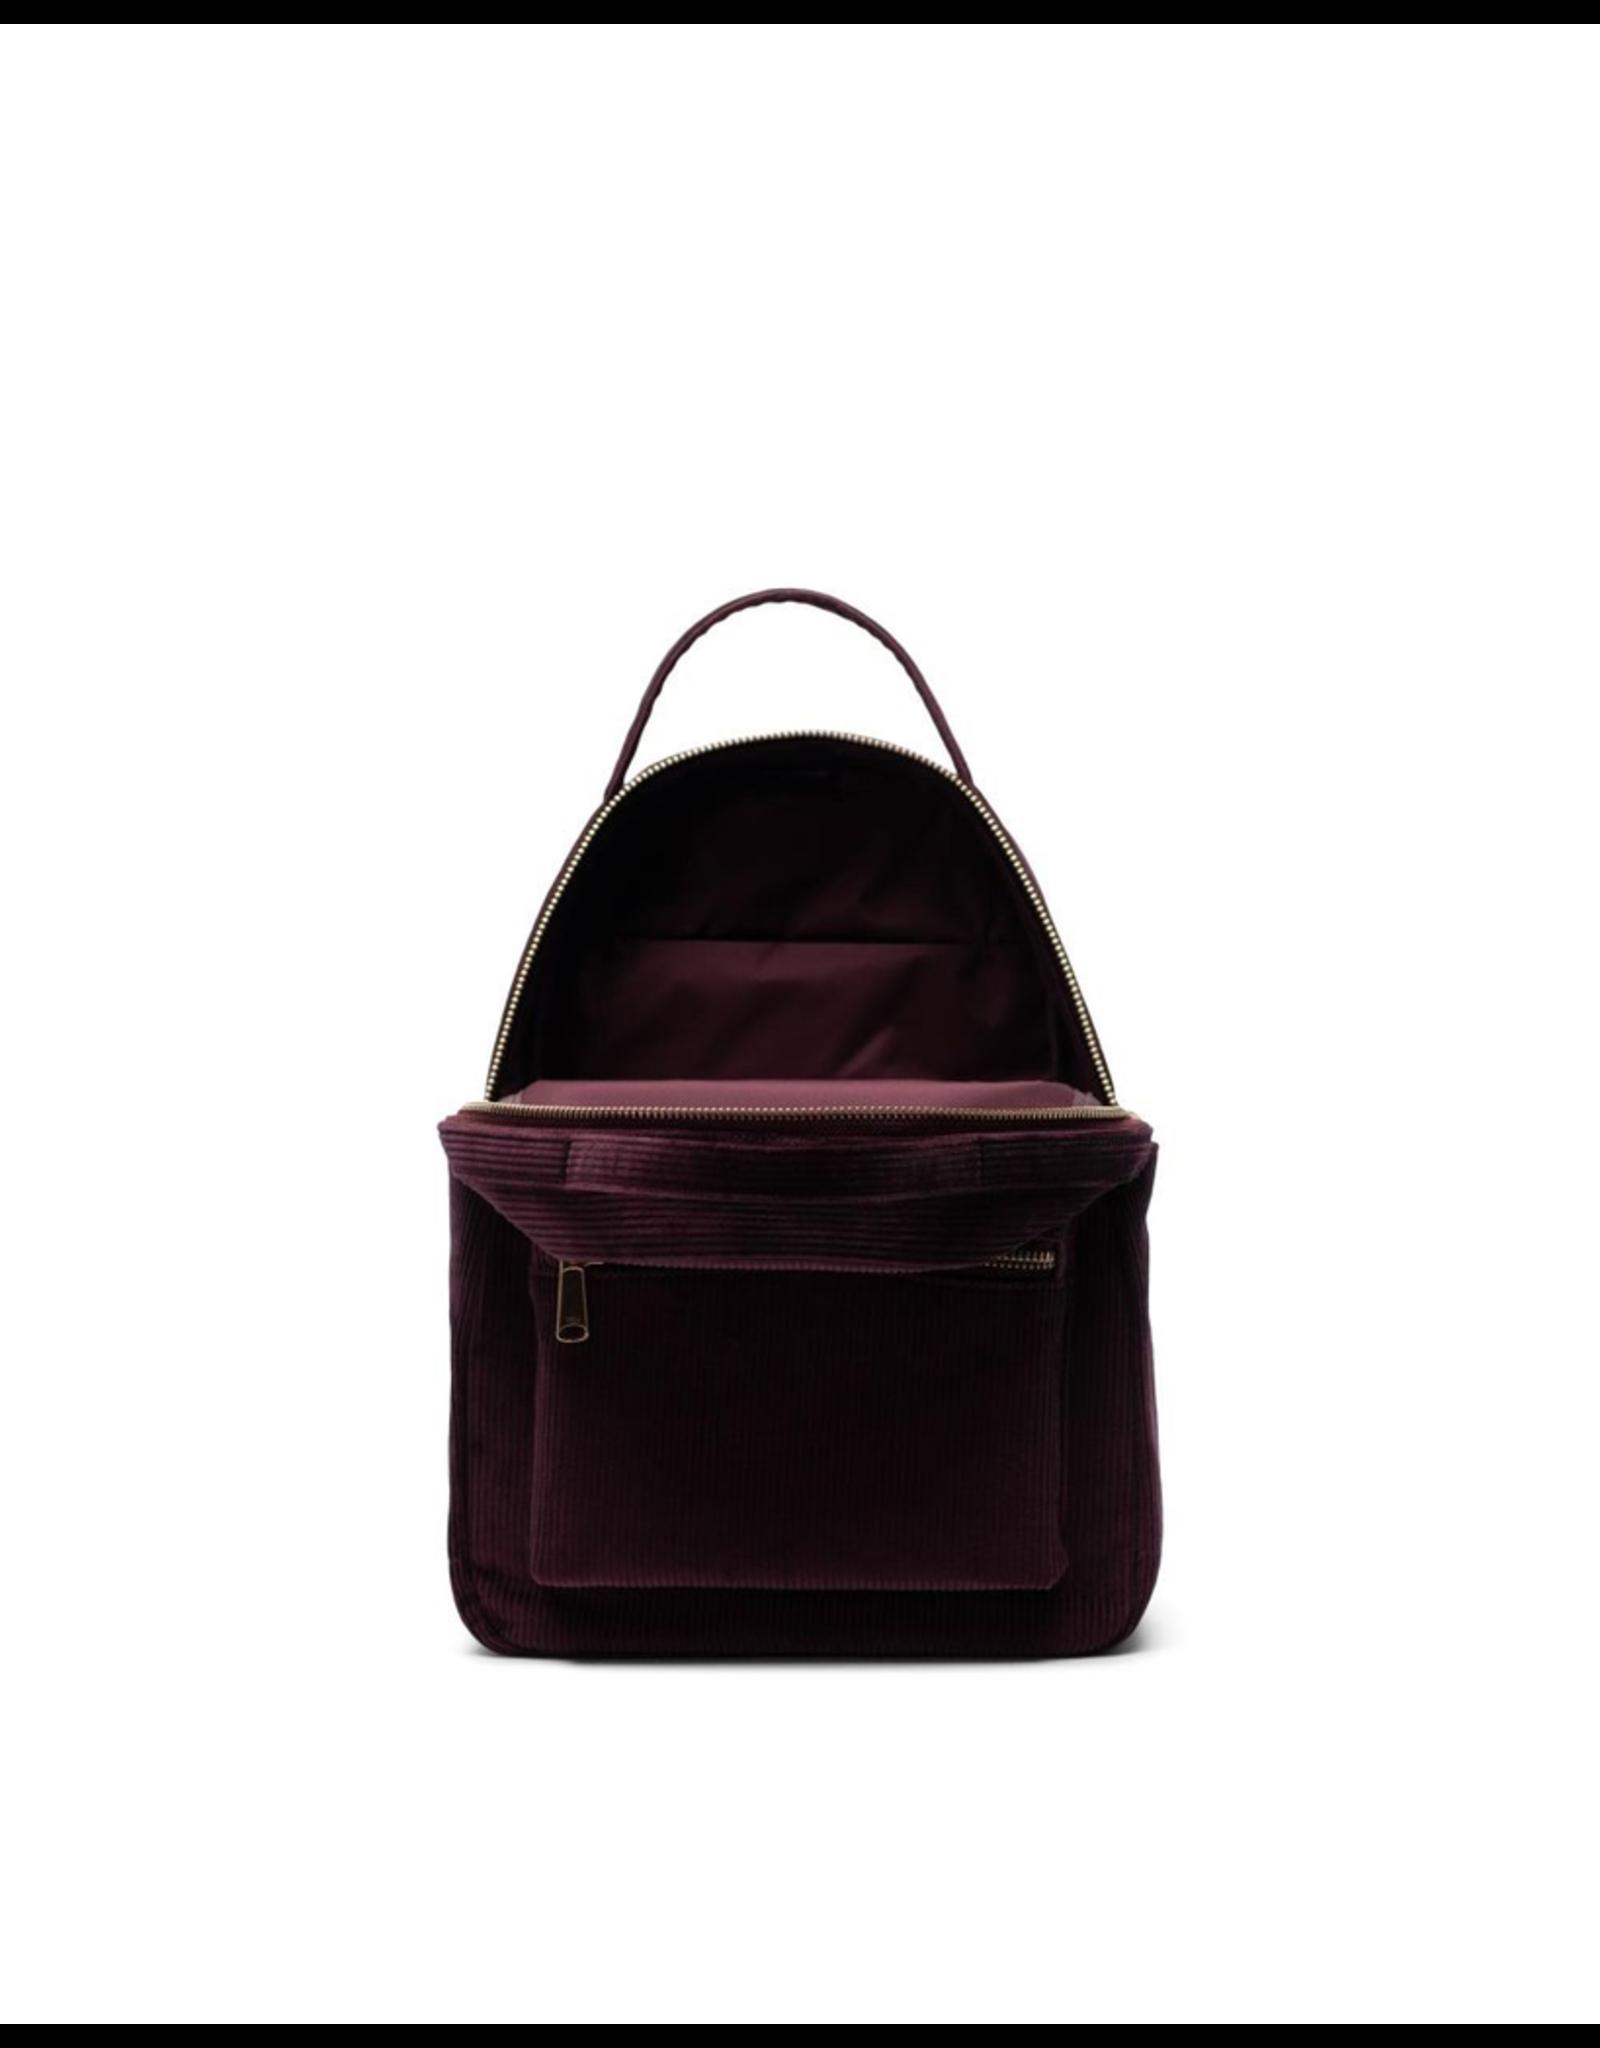 Herschel Nova Backpack Small Corduroy